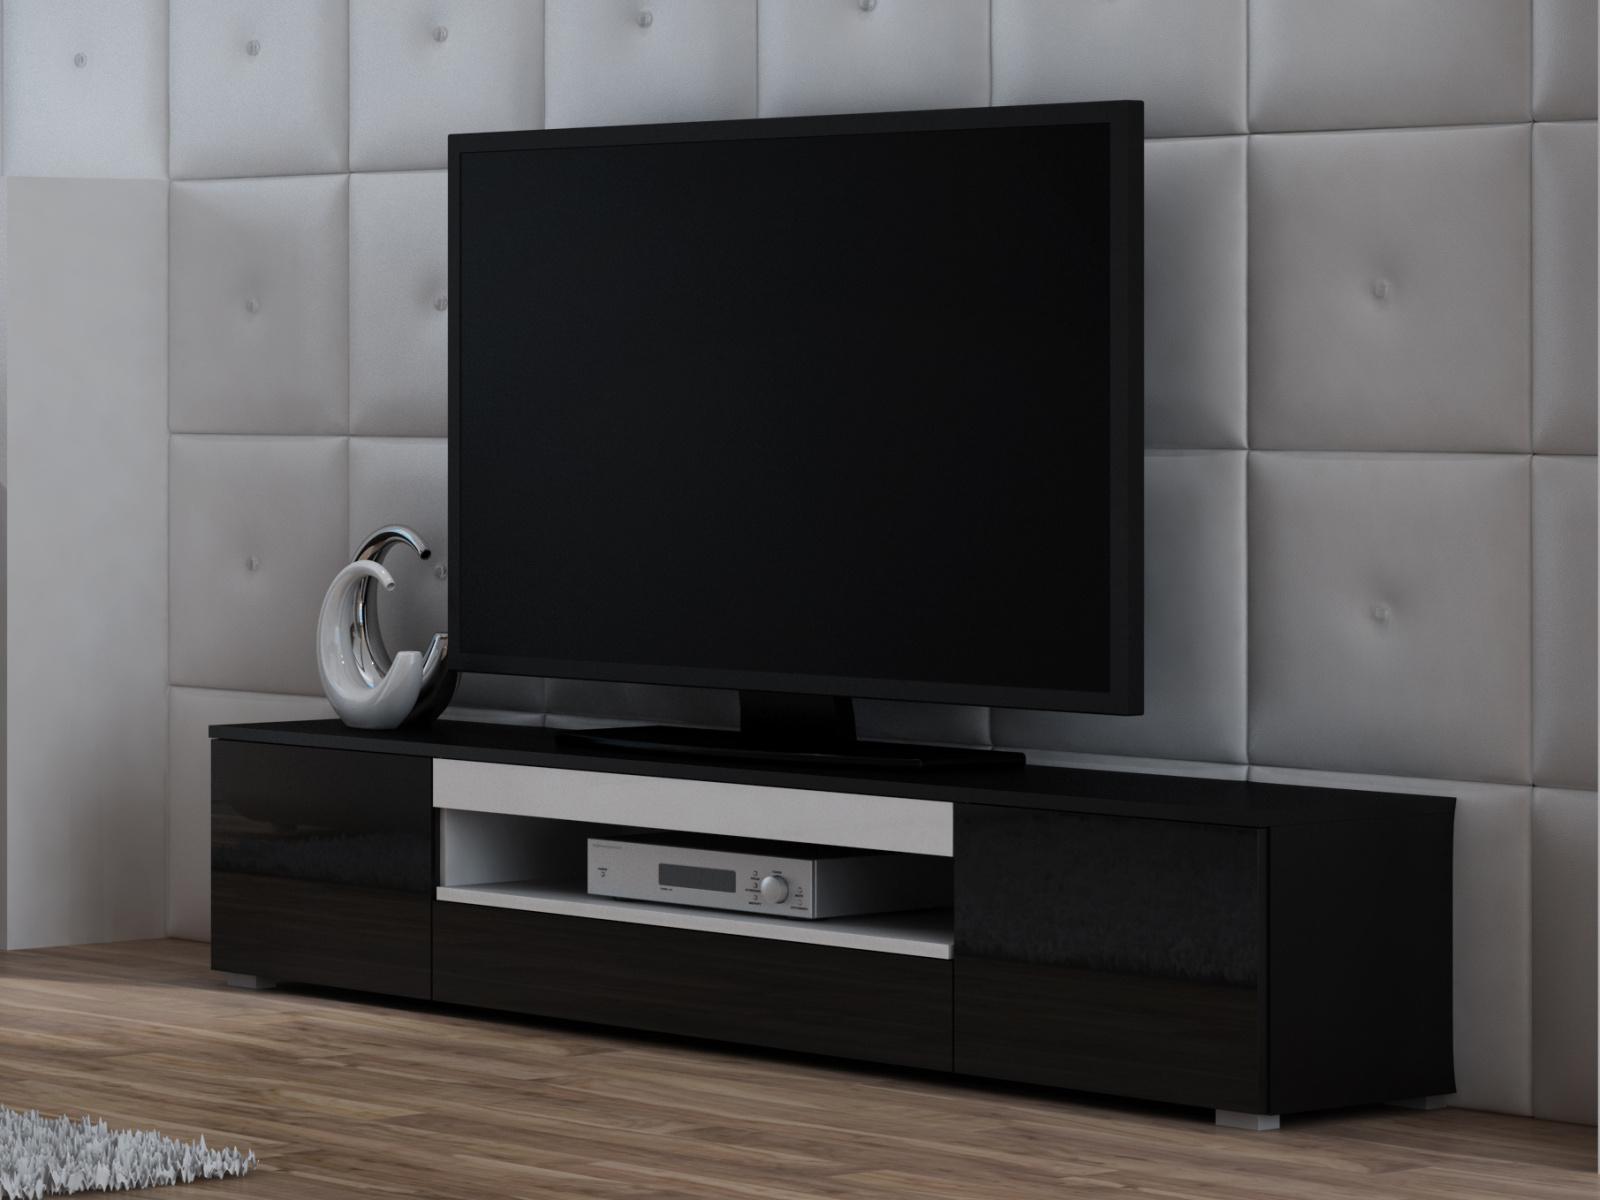 Televizní stolek RTV WIVA, černá/bílá